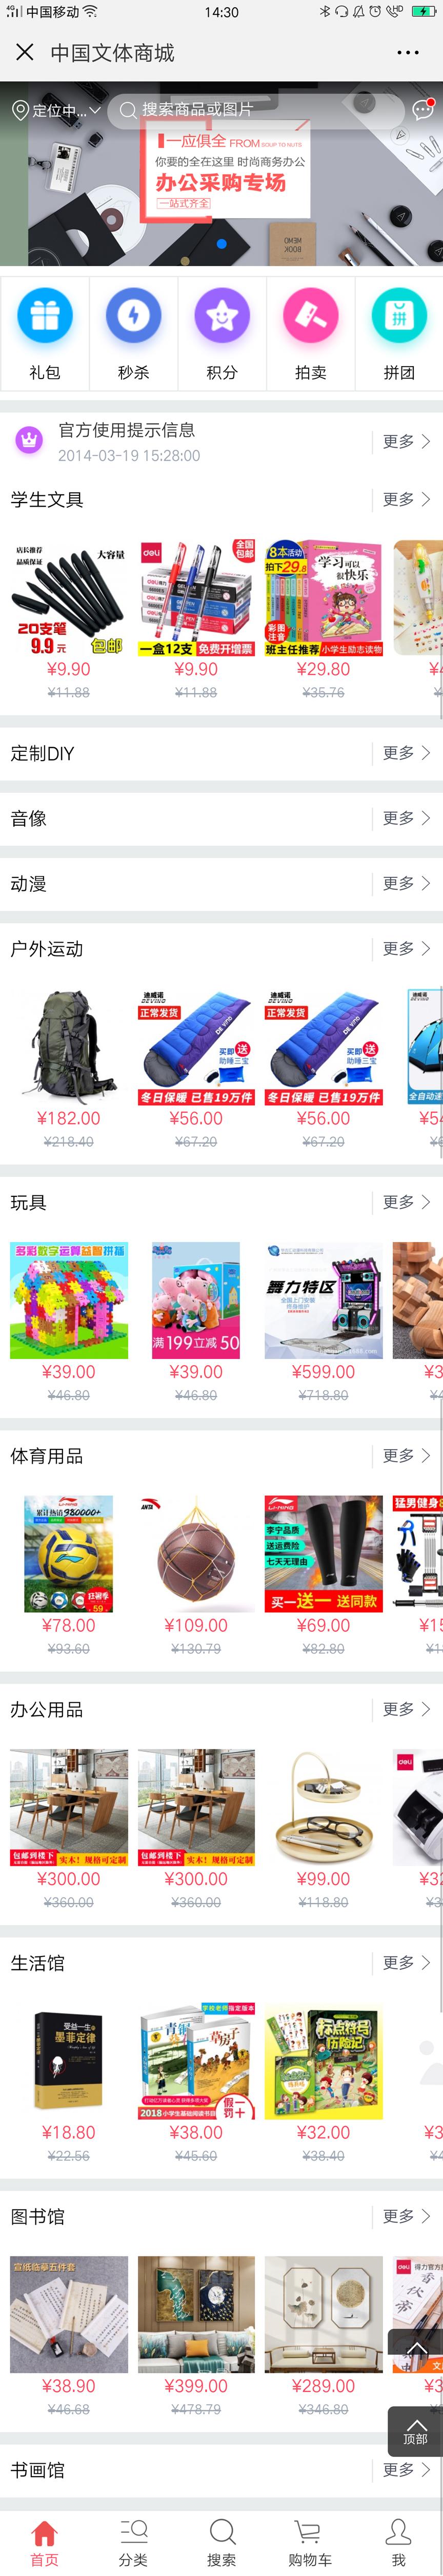 文体商城灰色成都-李晓云商PLUS全渠道版.jpg